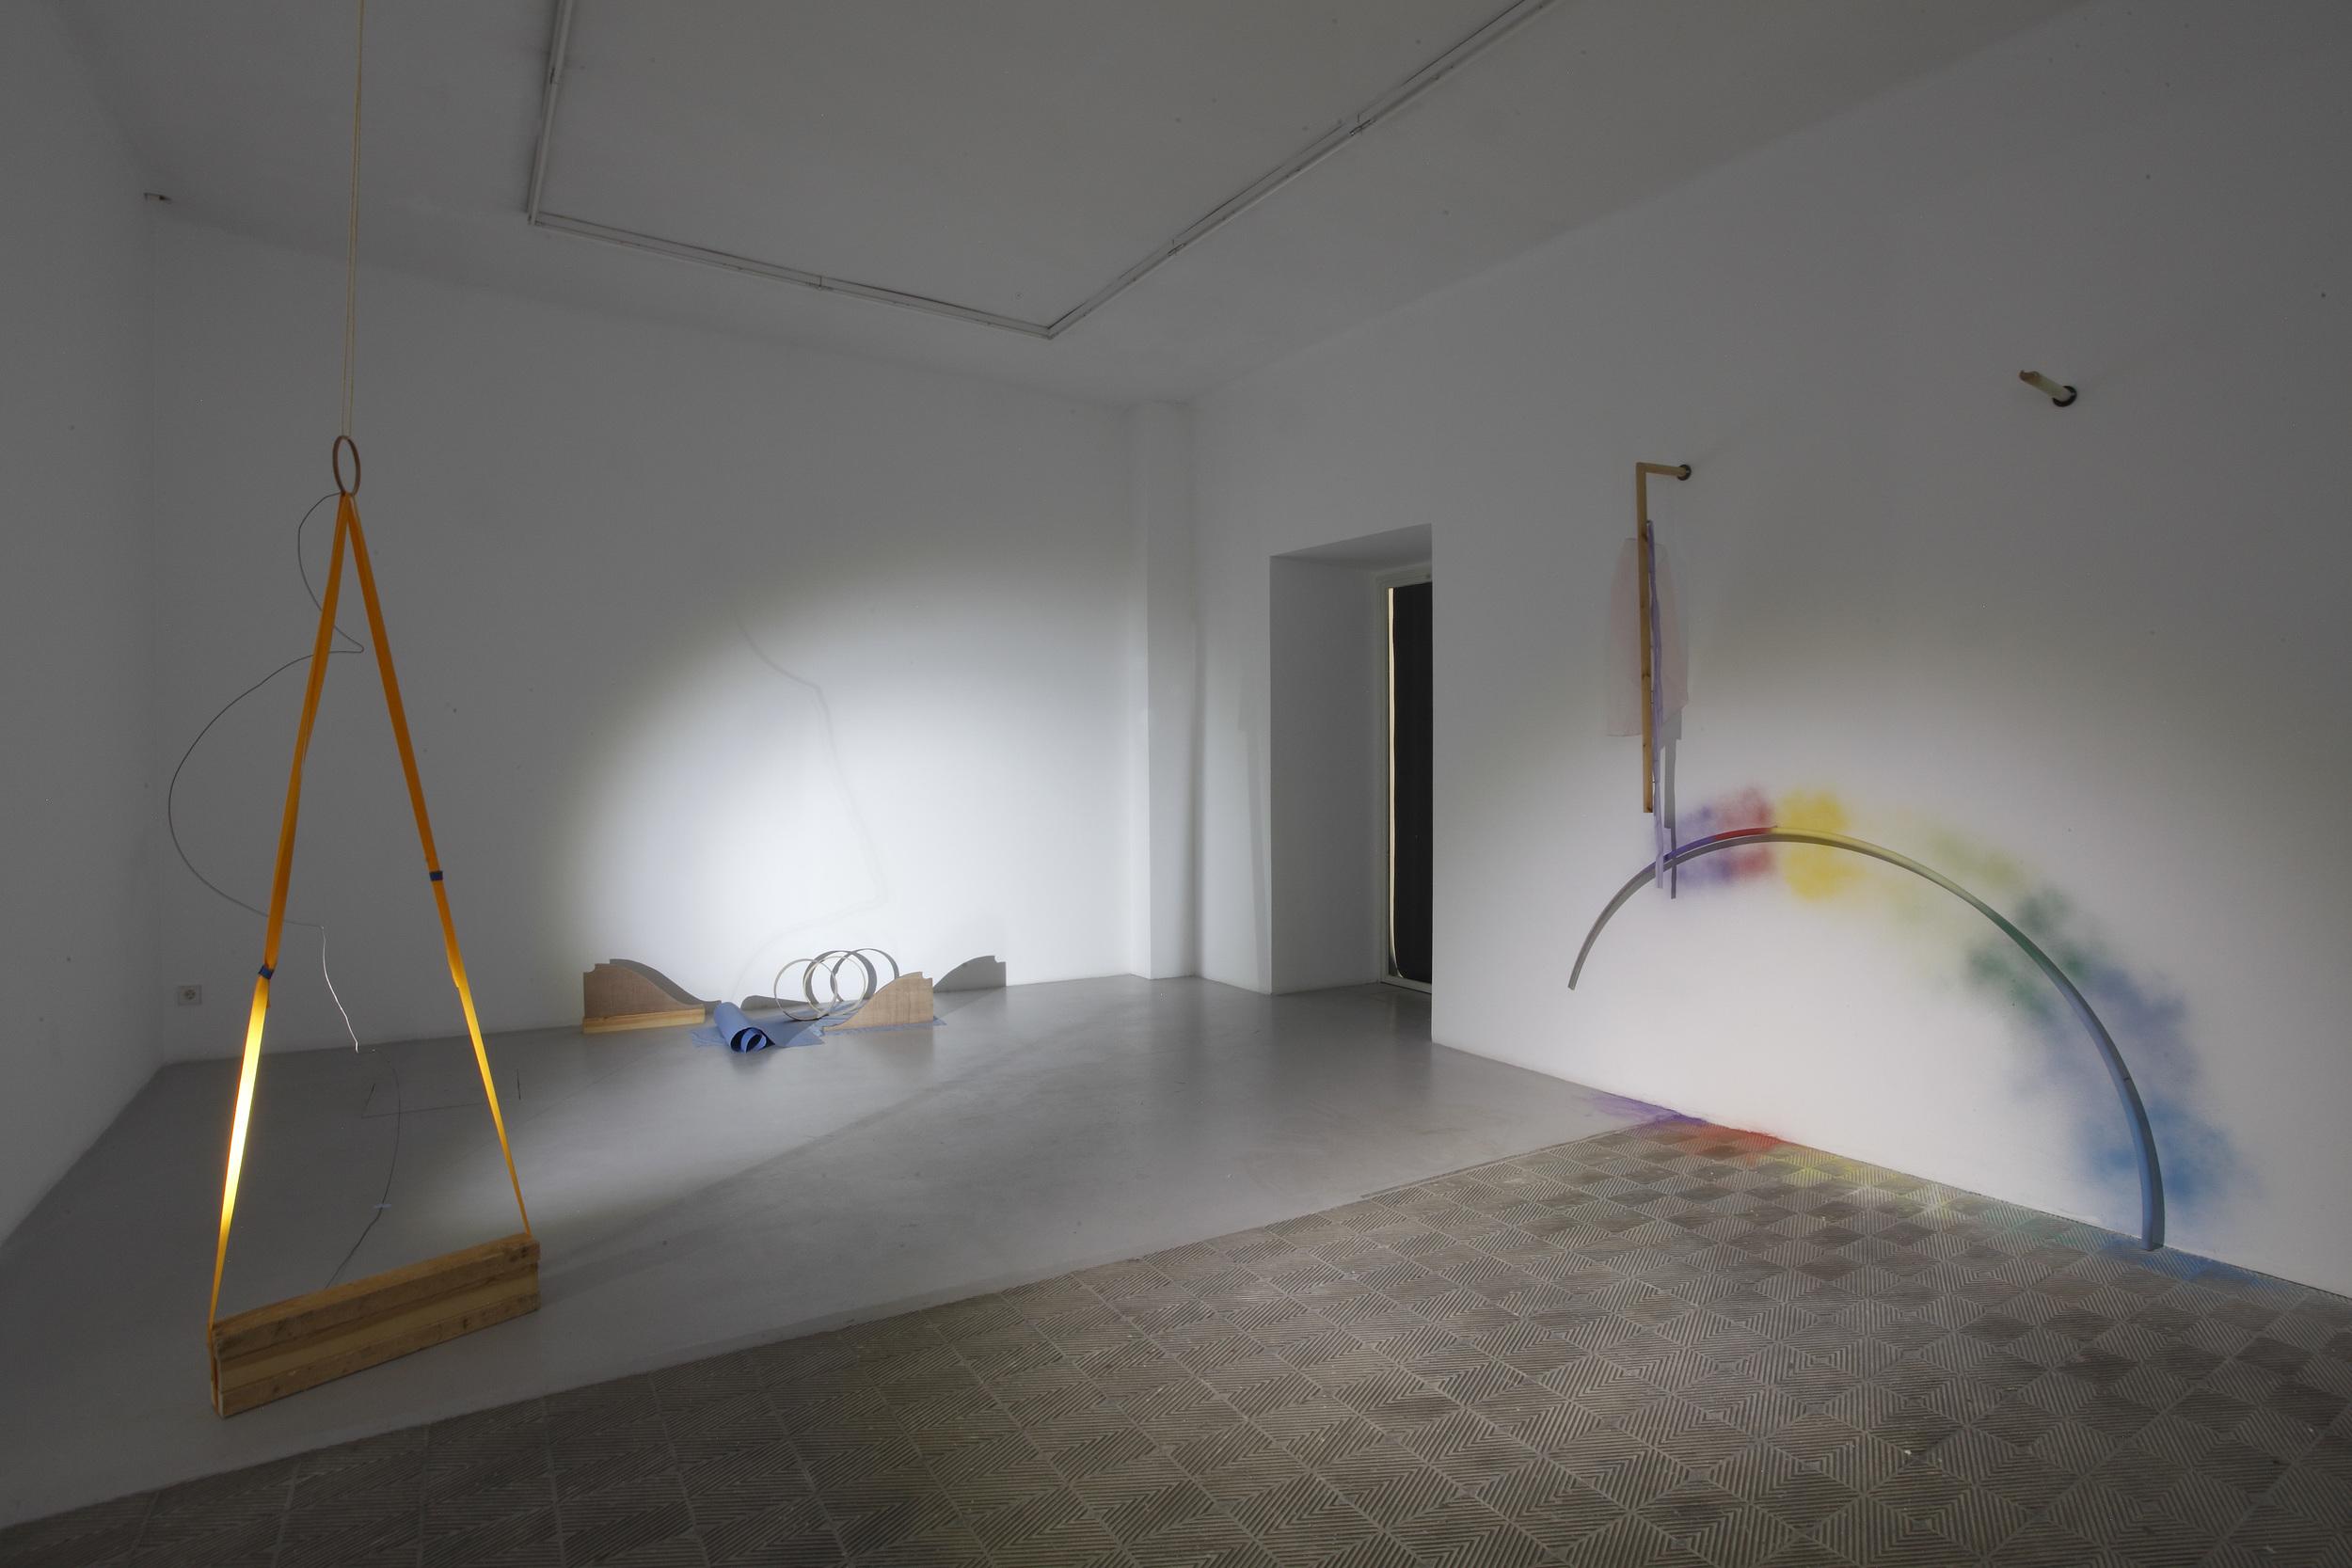 Limbs Describe Curves , 2015. Installation Shots: Marta Cervera Gallery, Madrid, Spain (September 2015).